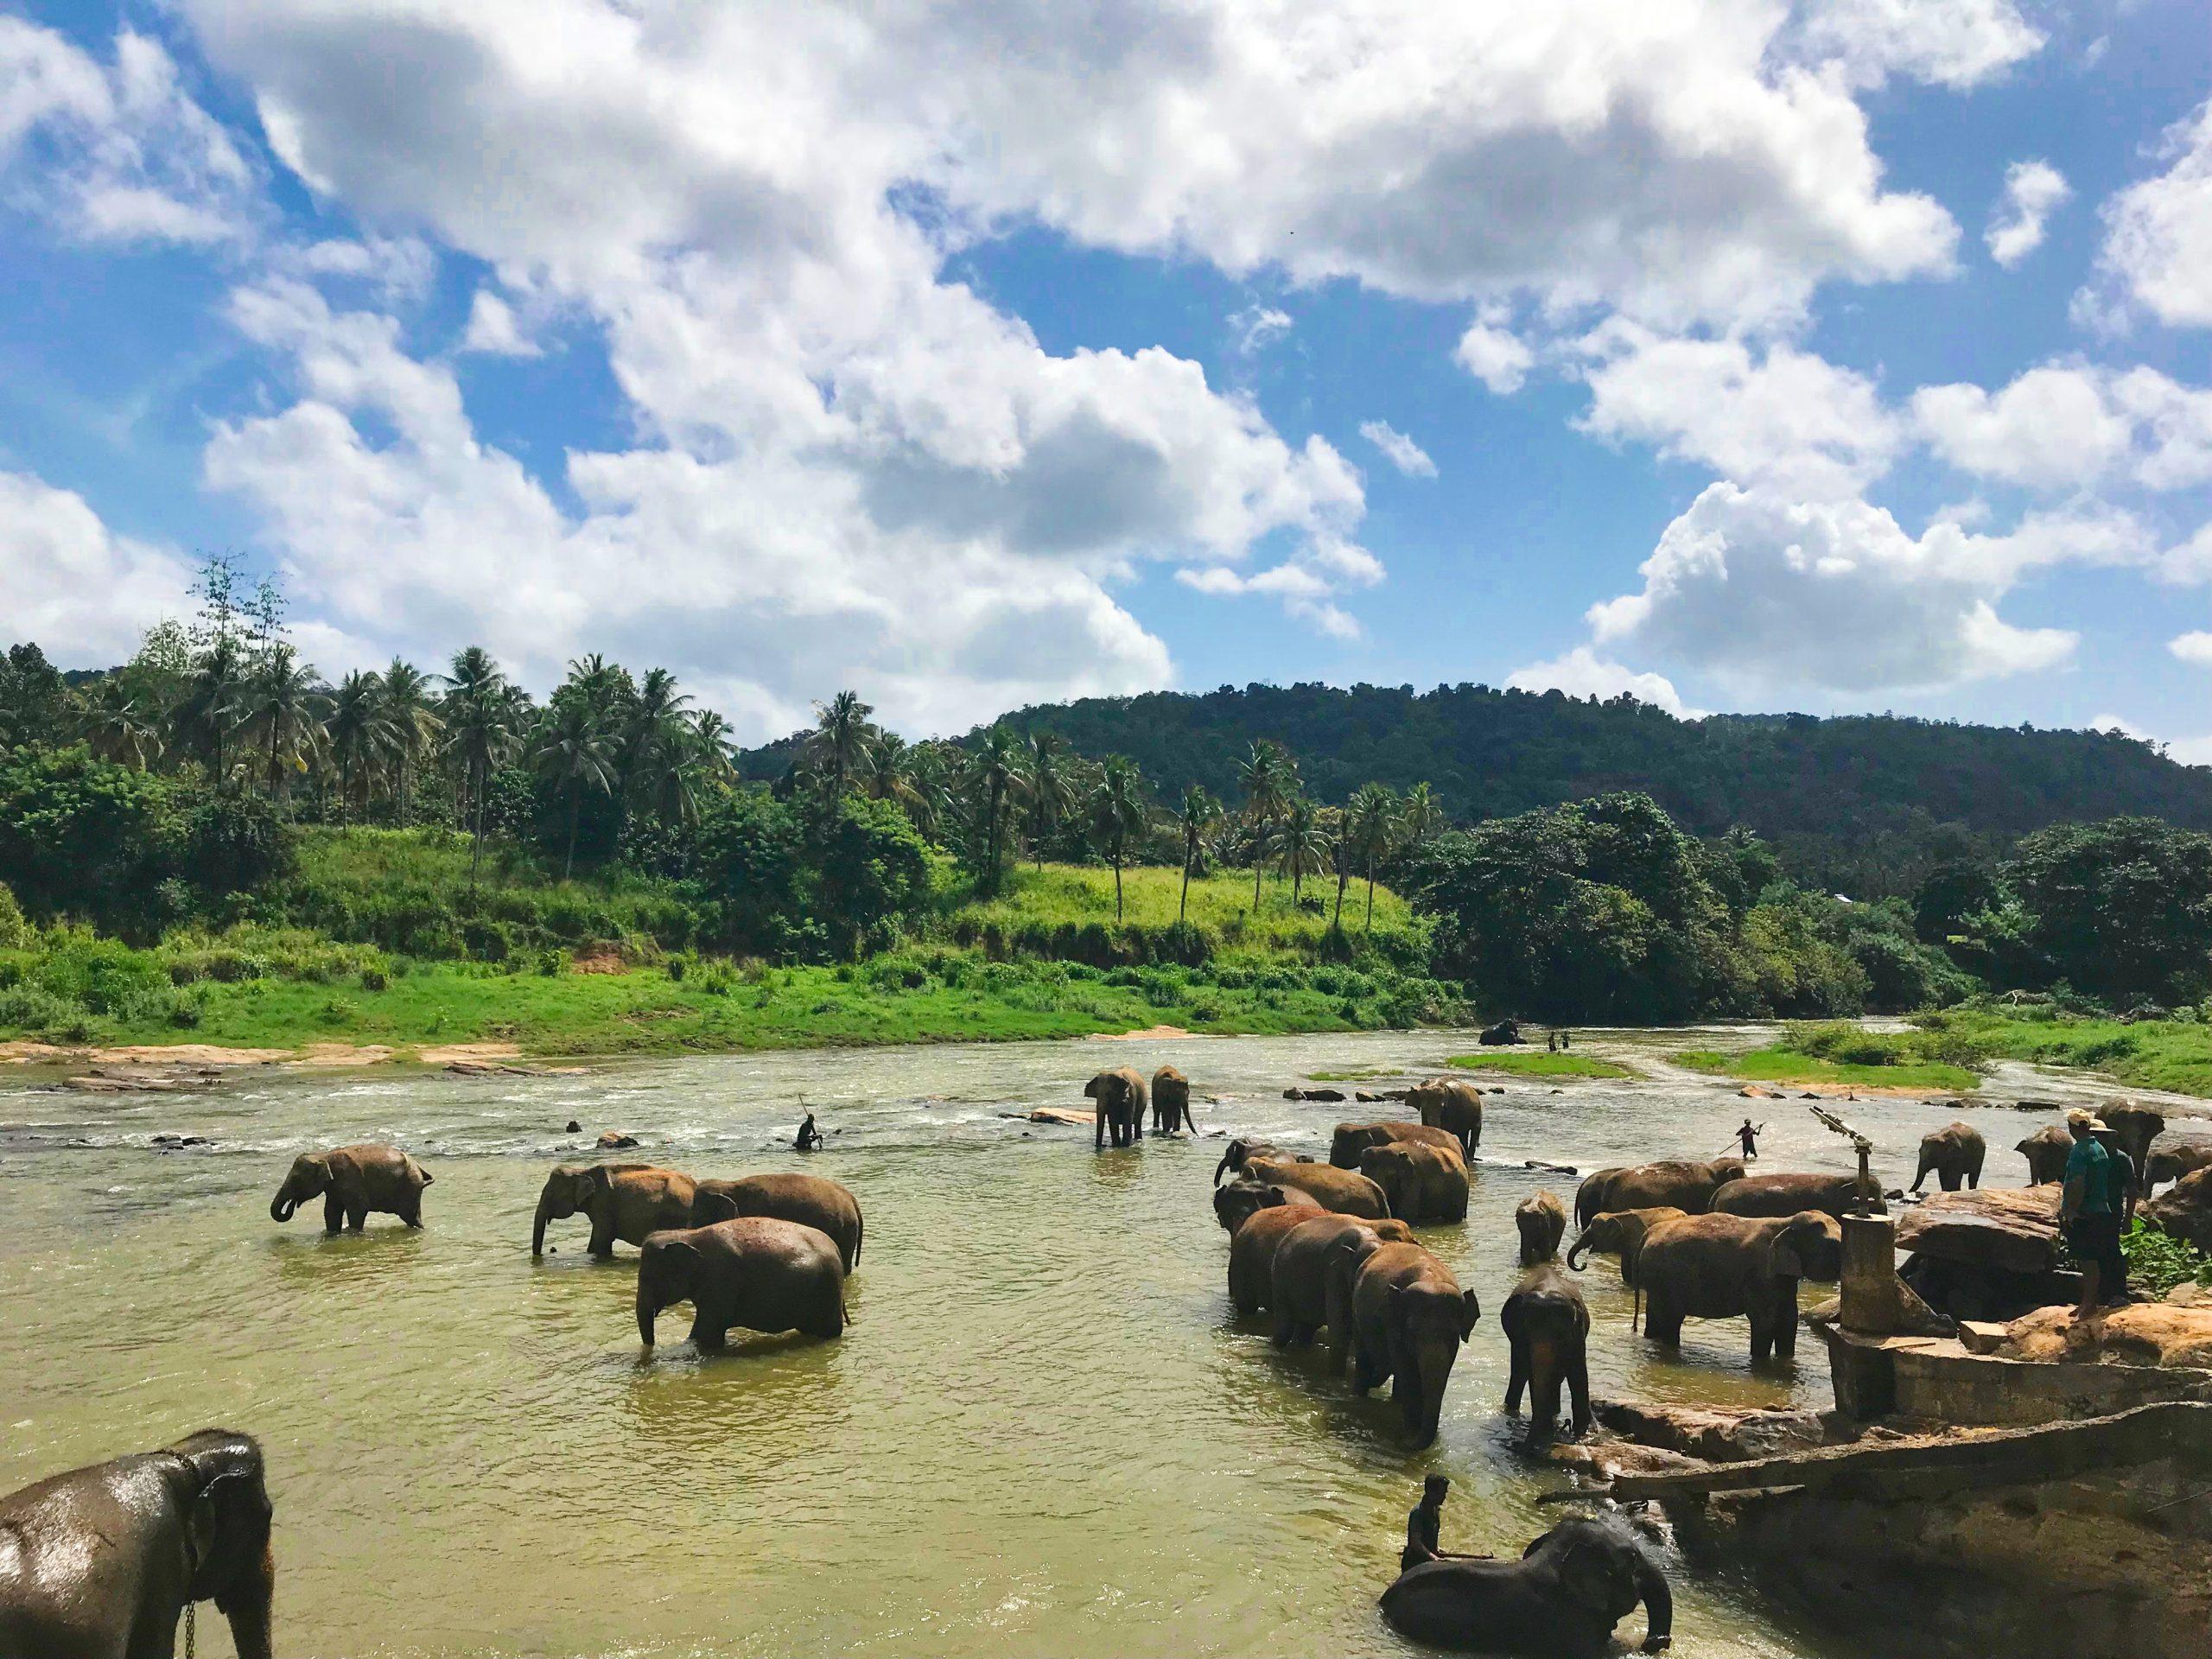 Voyages Yulgo Sri Lanka Uda Walawe National Park